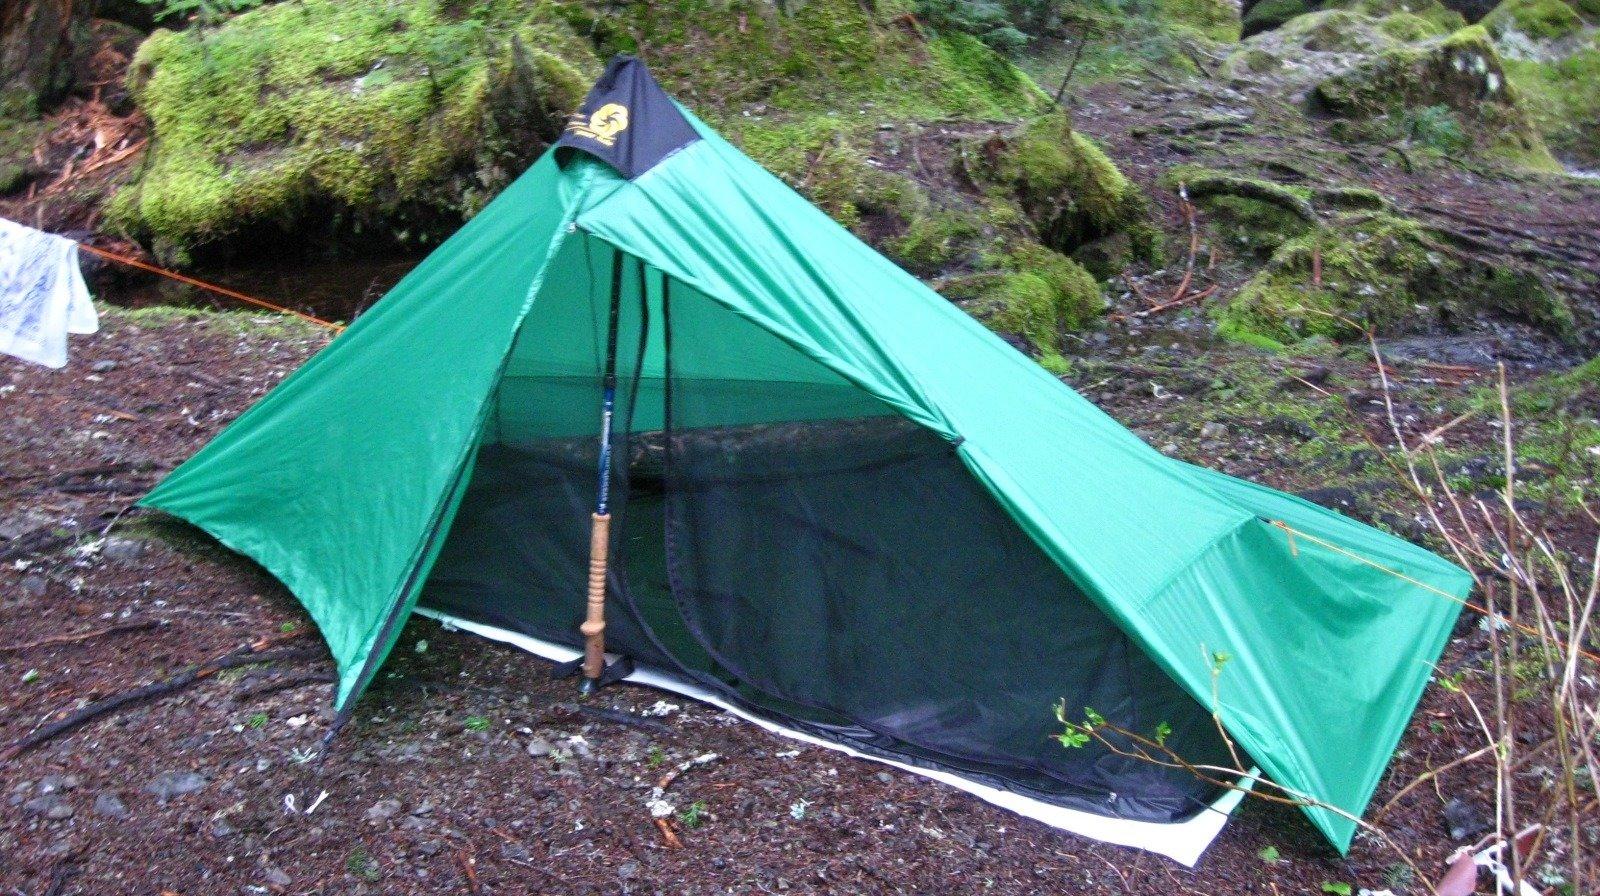 Trekking Poles Tent